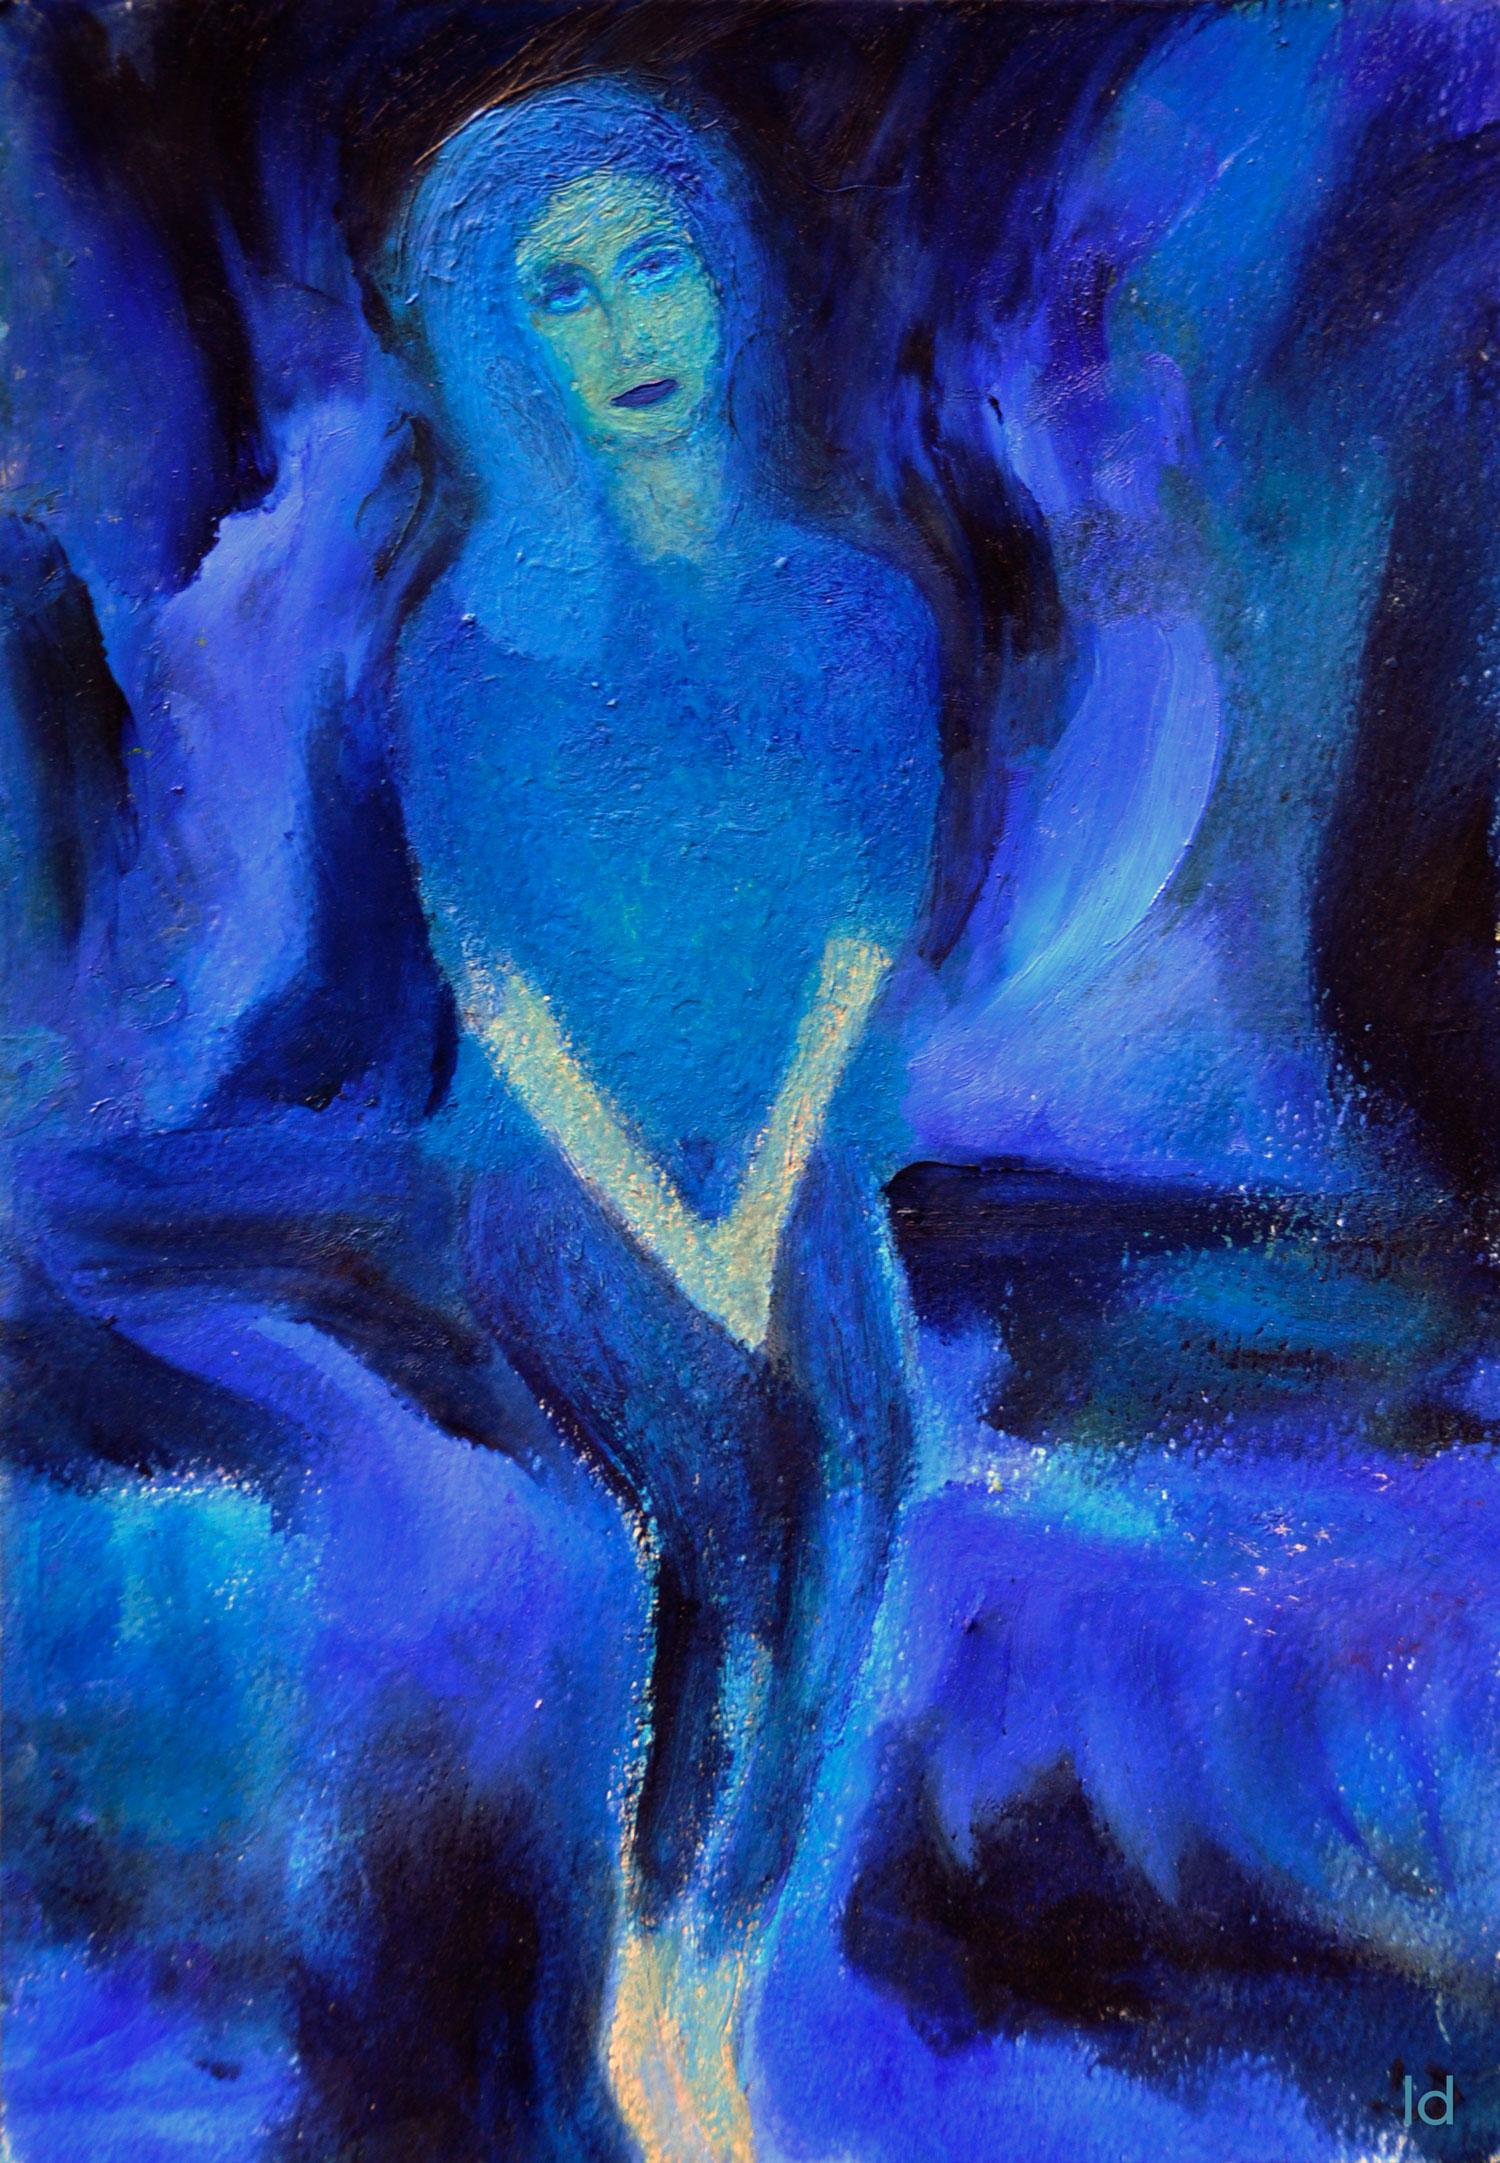 L'humeur bleue. Huile sur papier, 20x30, 2020